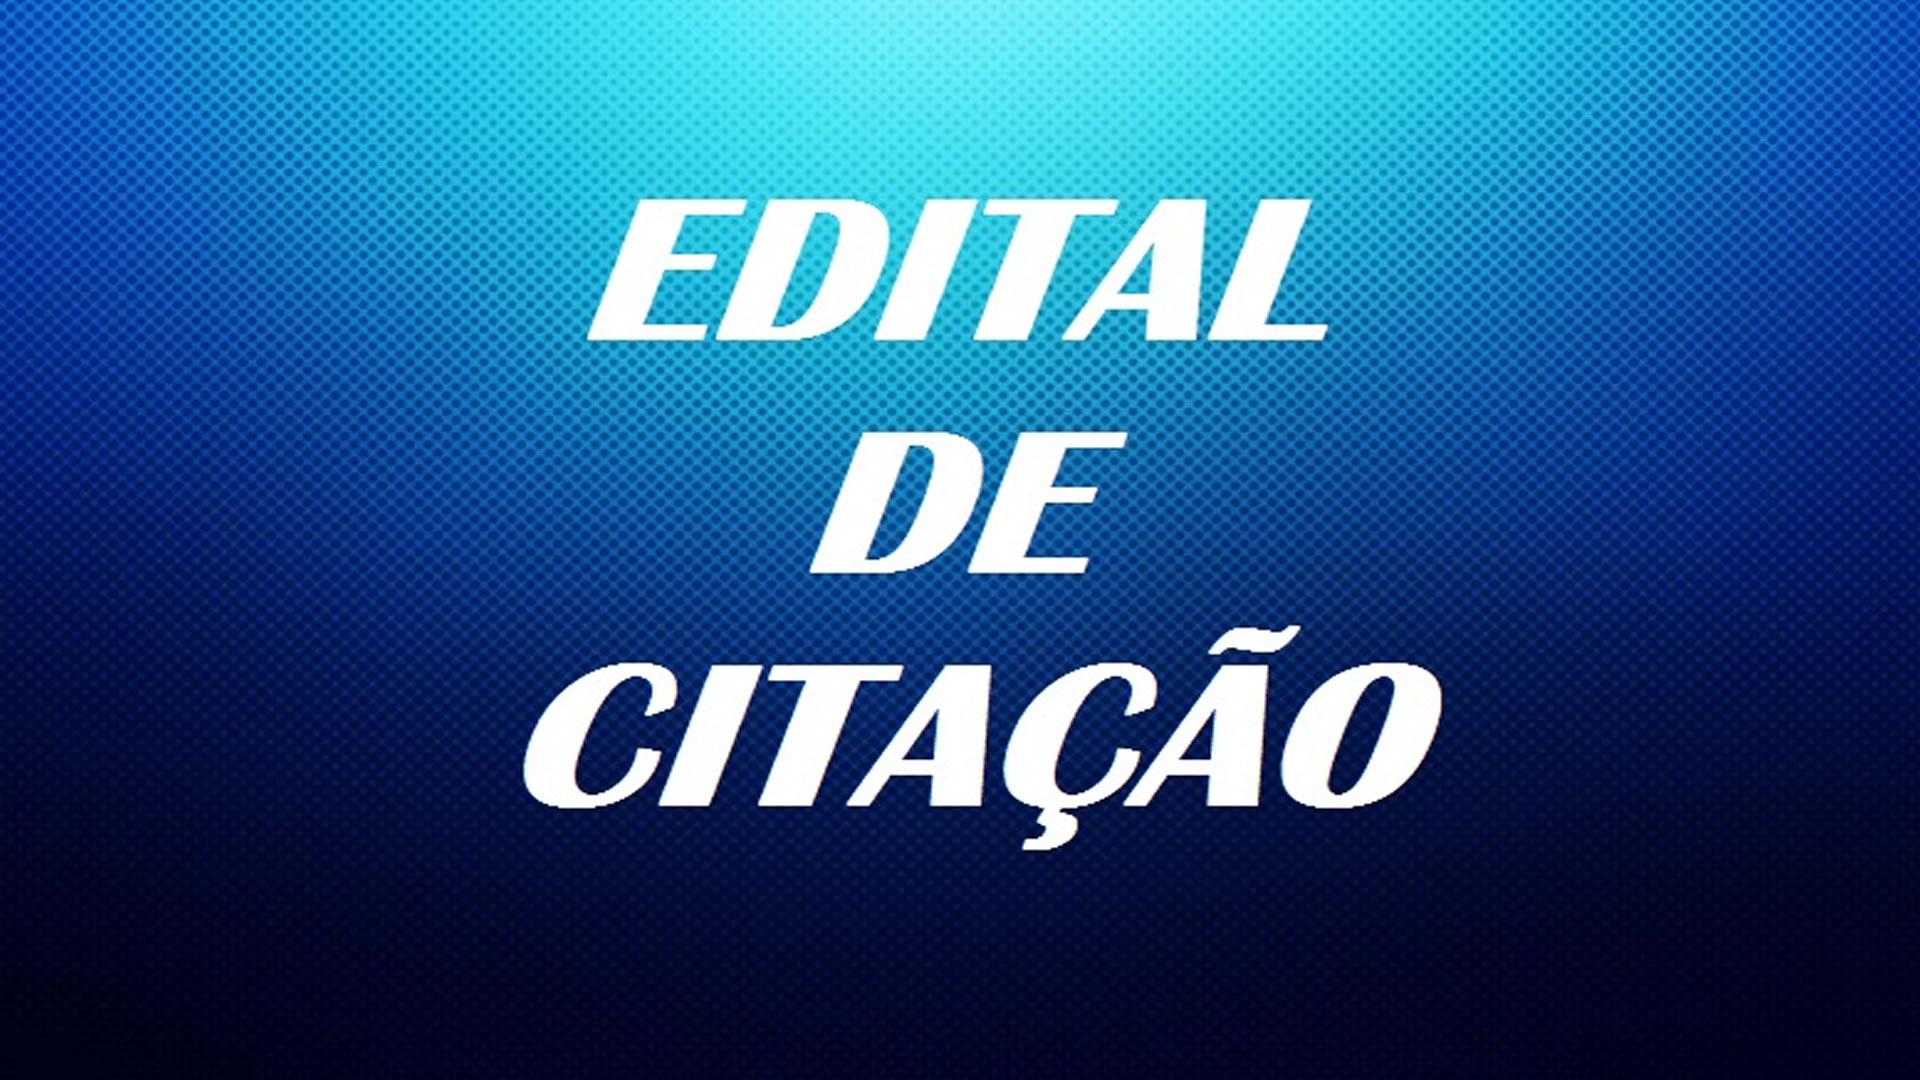 Edital de Citação